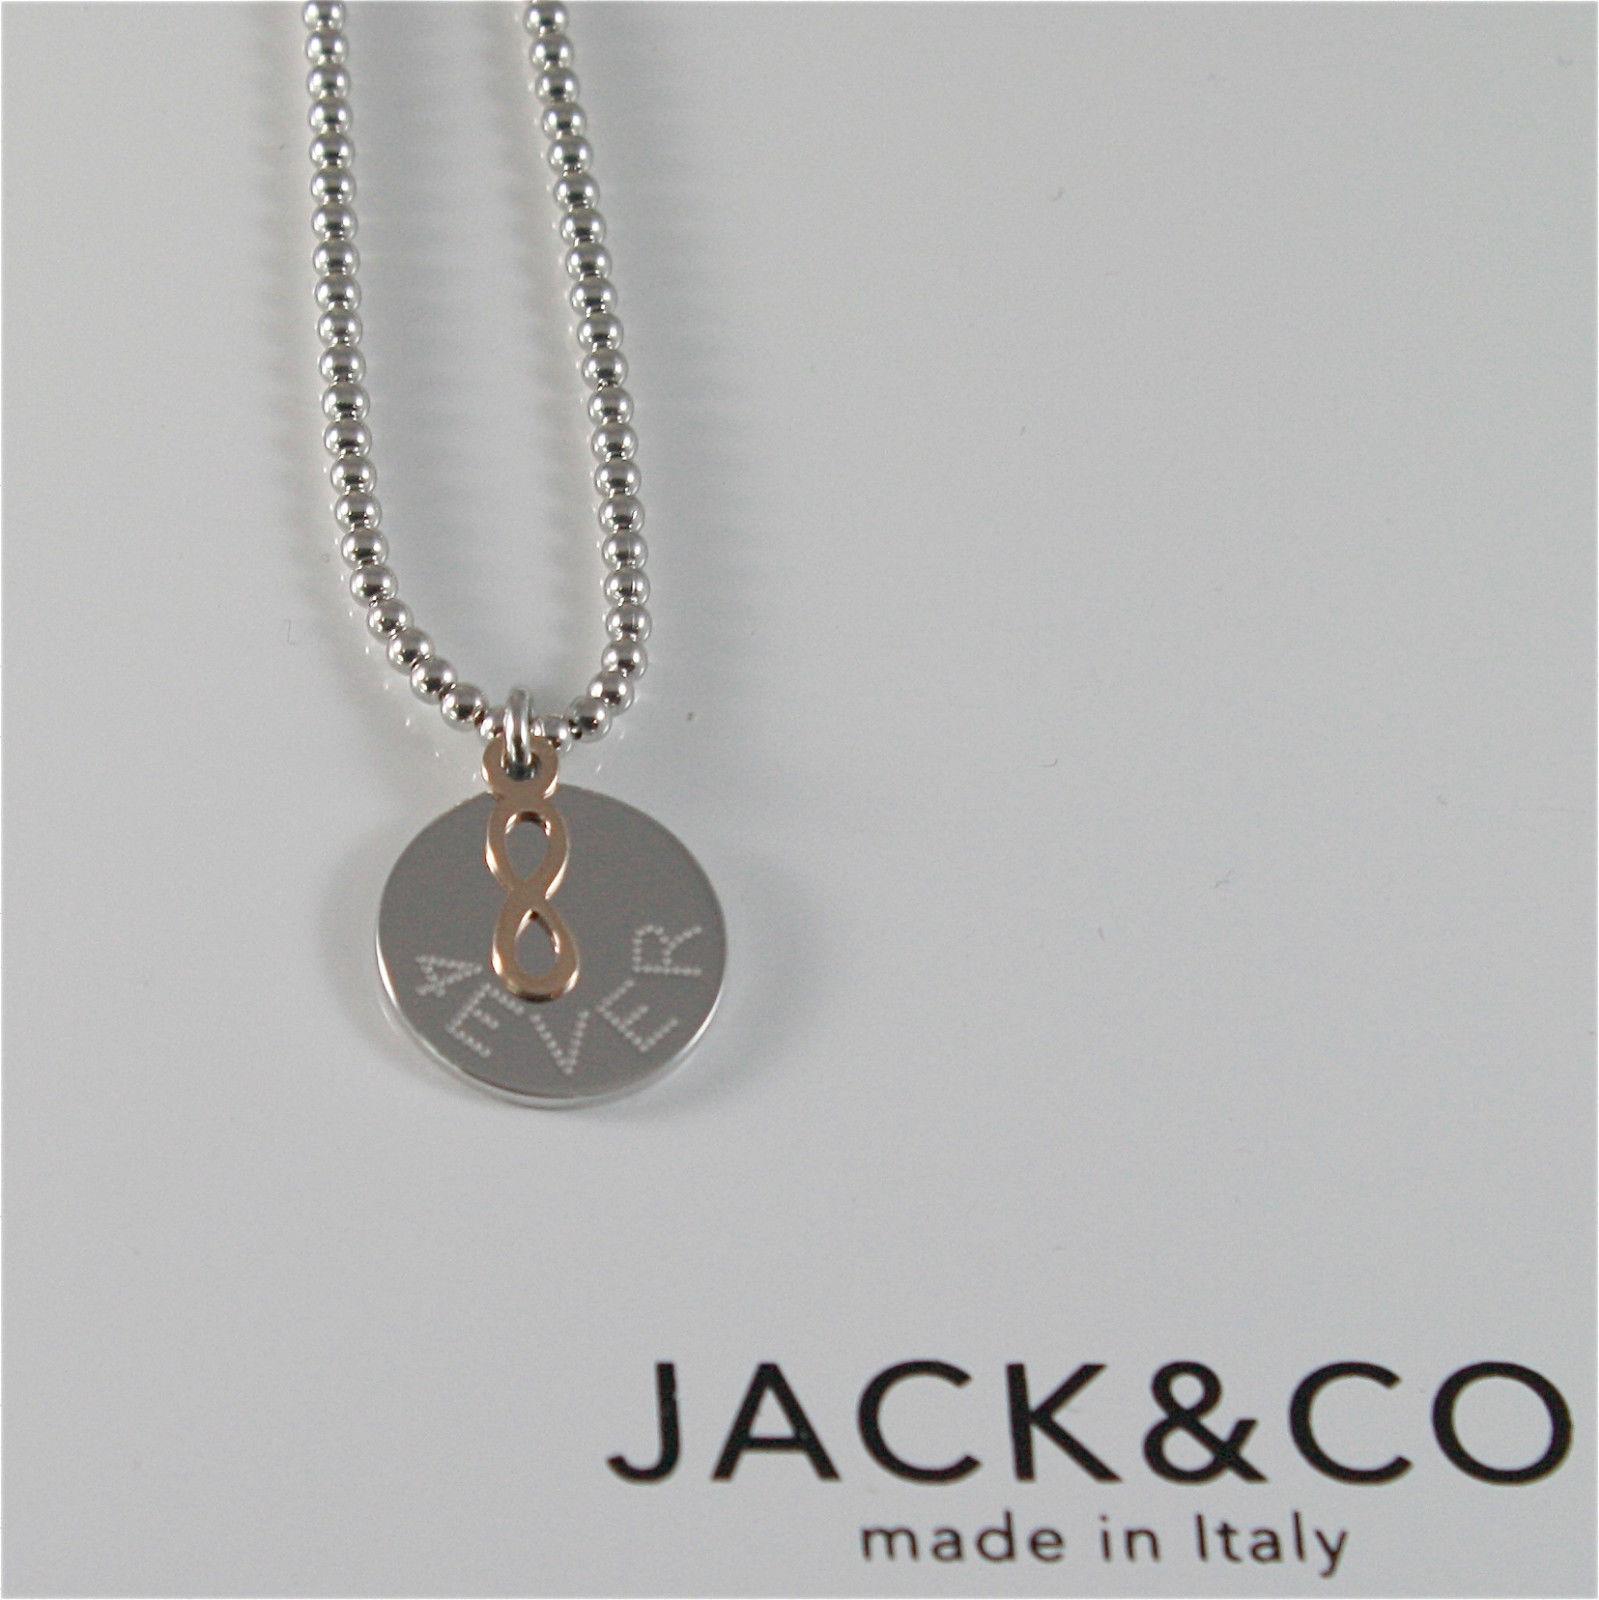 HALSKETTE PERLE AUS 925 SILBER JACK&CO MIT INFINITO AUS GOLD PINK 9KT JCN0548